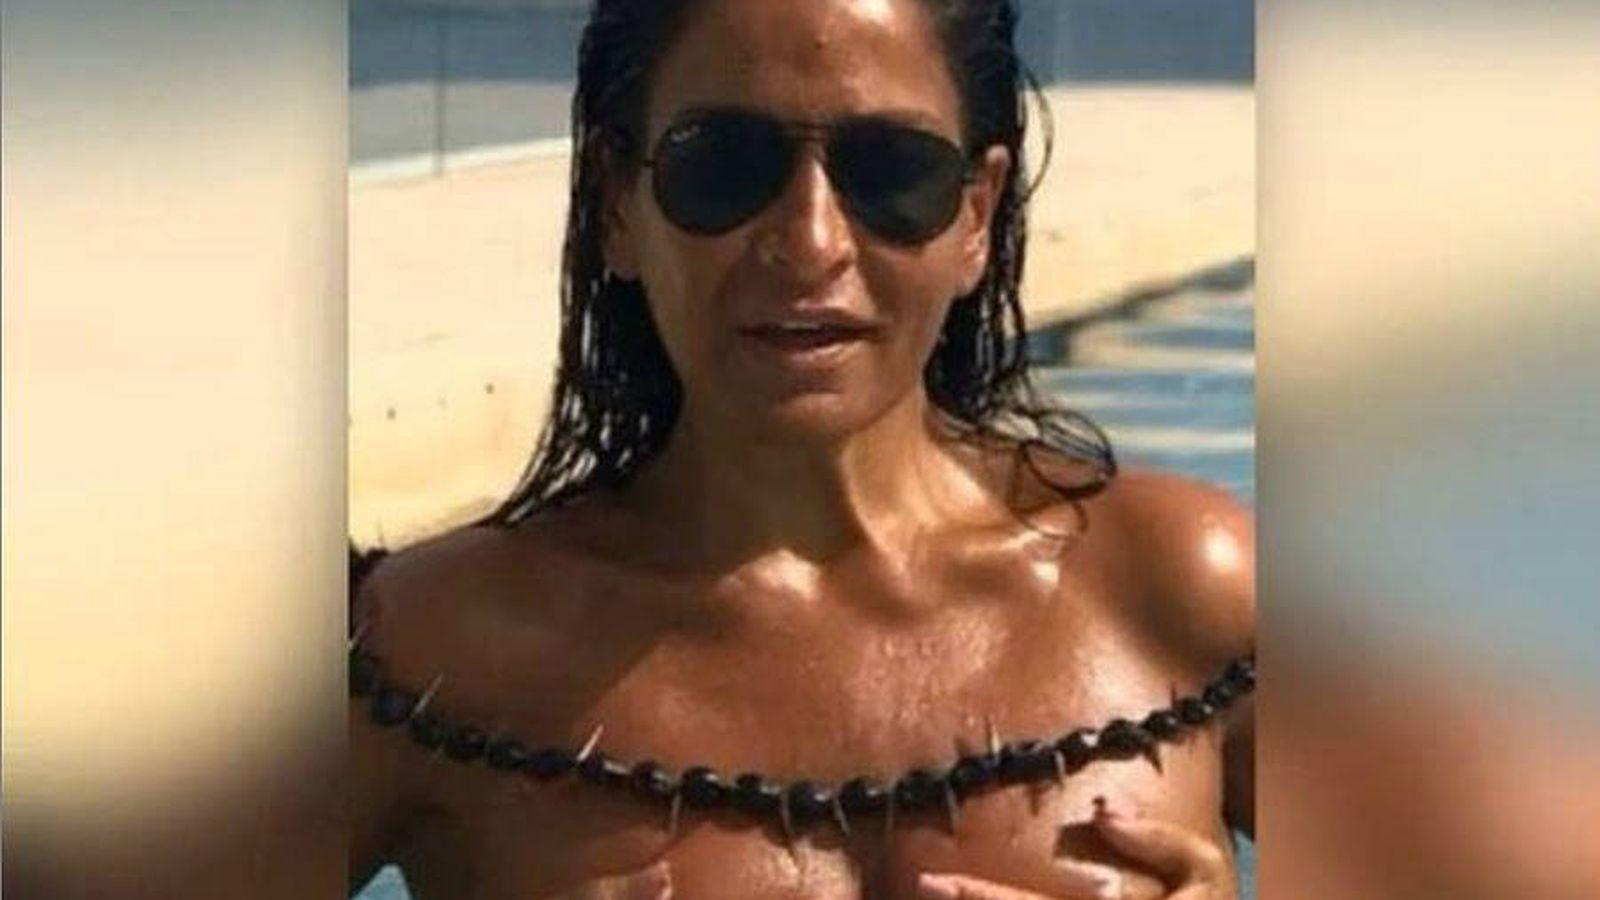 Aida Nizar Desnuda la erótica fotografía de aida nízar que instagram (todavía